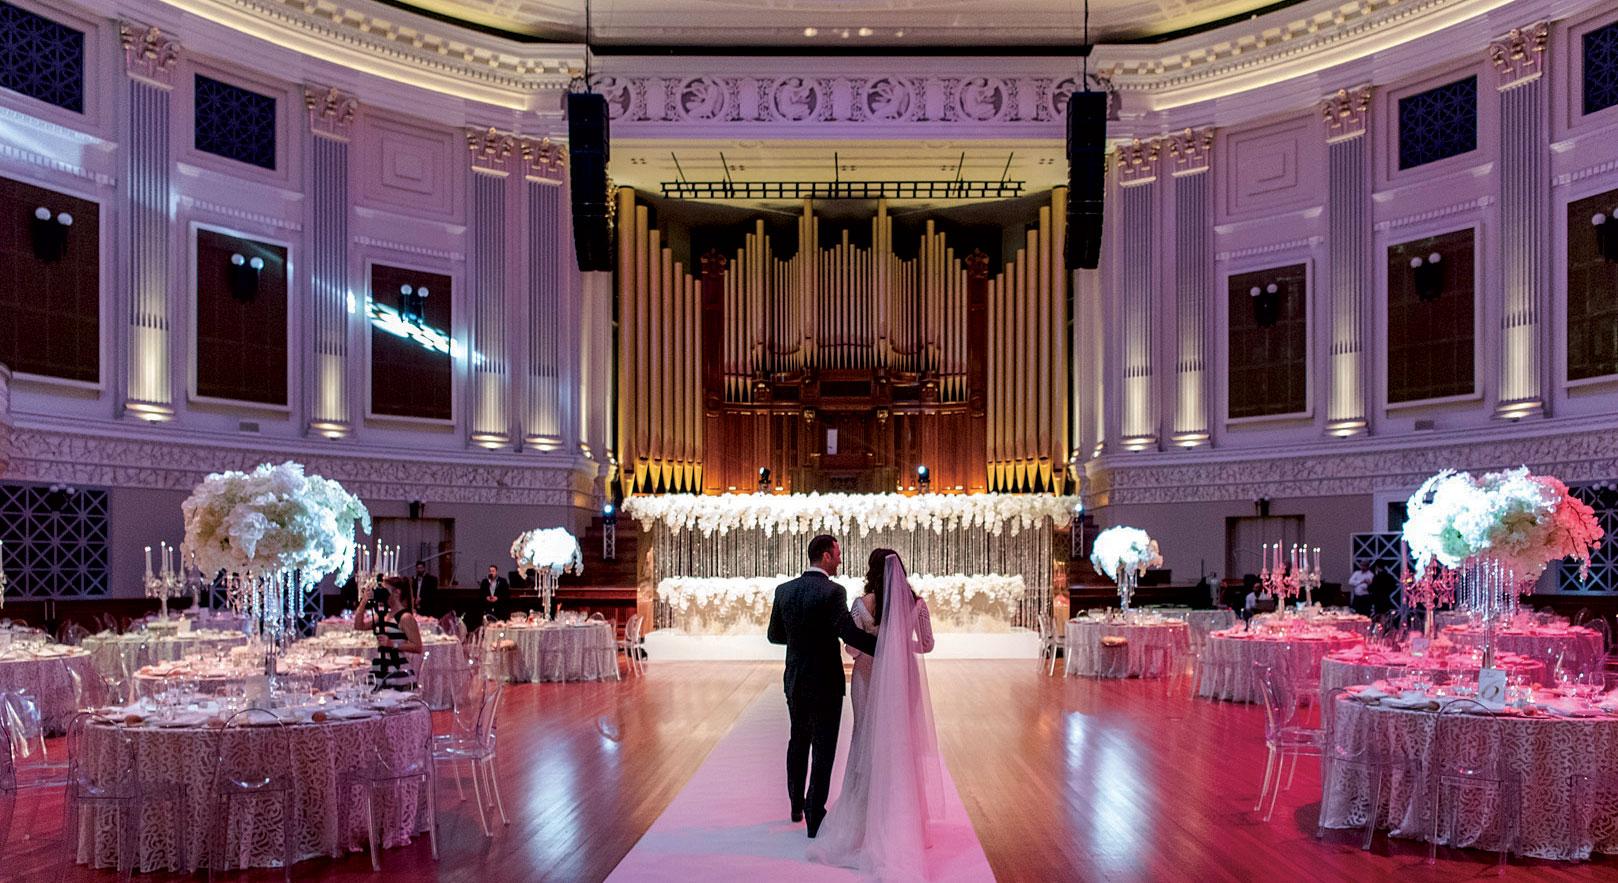 room reveals wedding trend